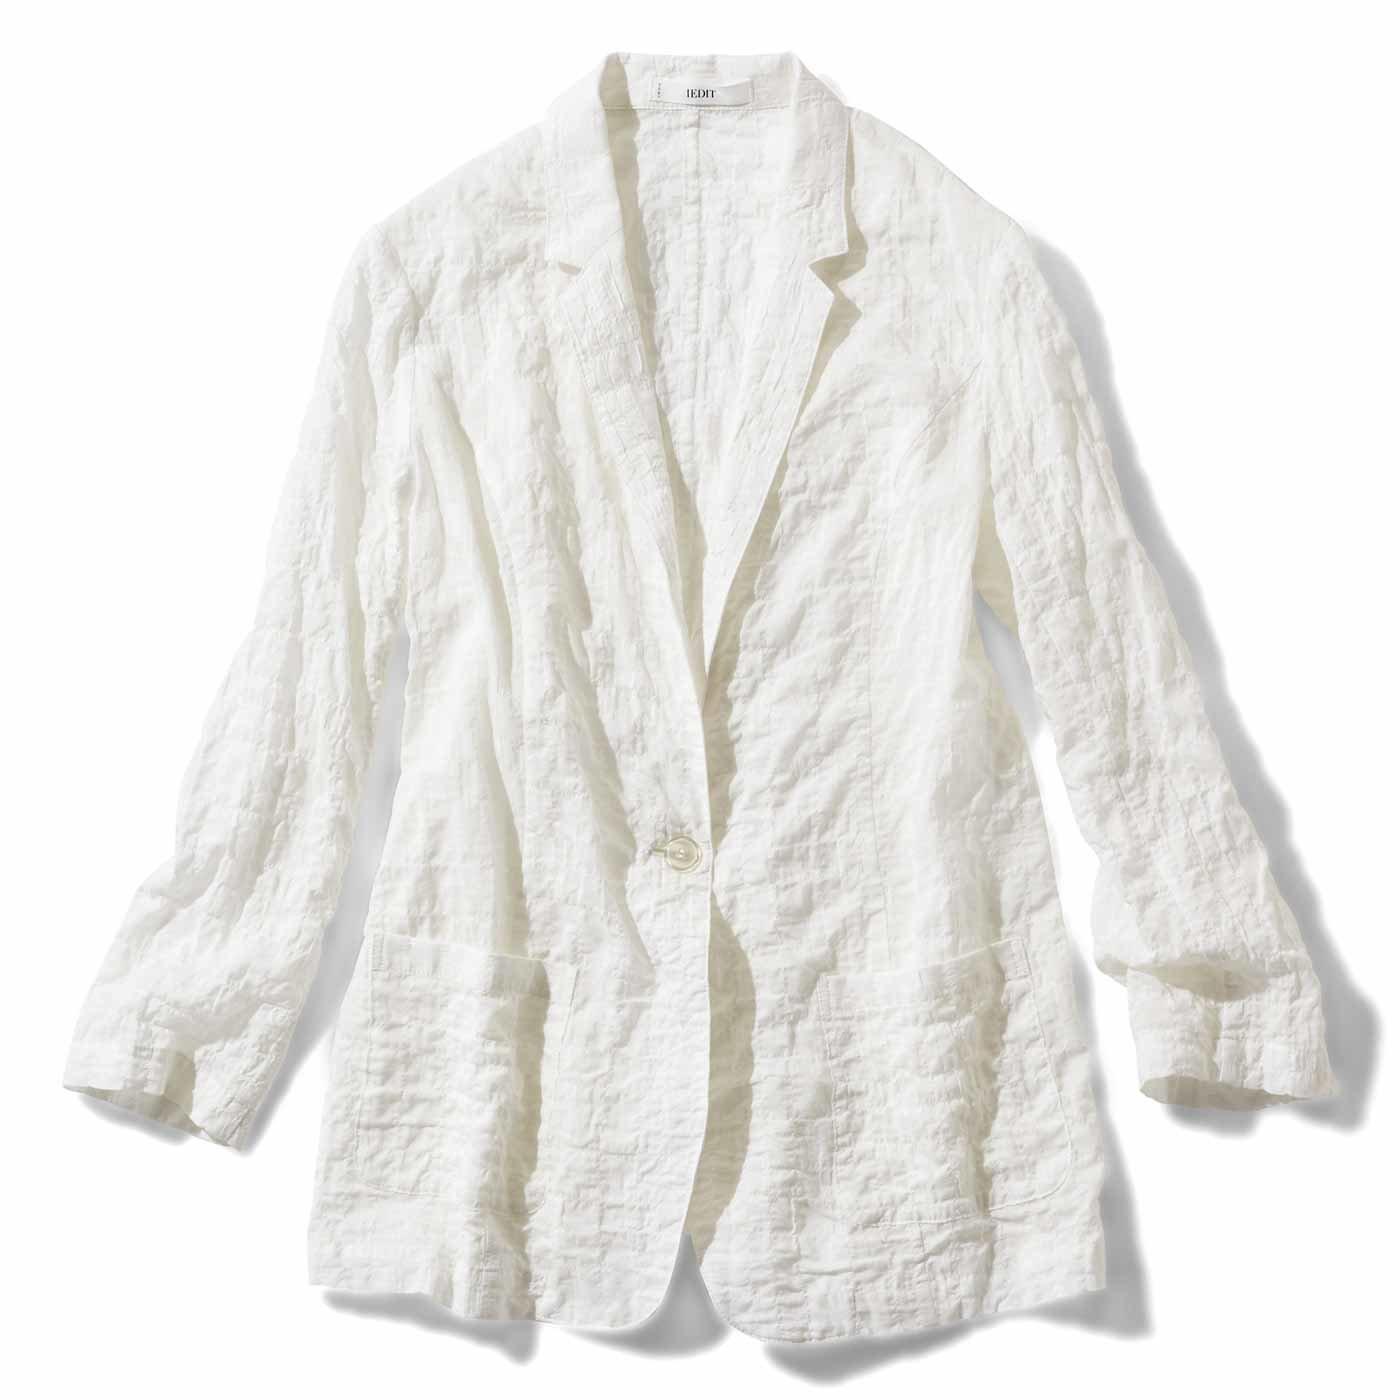 IEDIT シャツ感覚のエアリーなジャケット〈ホワイト〉